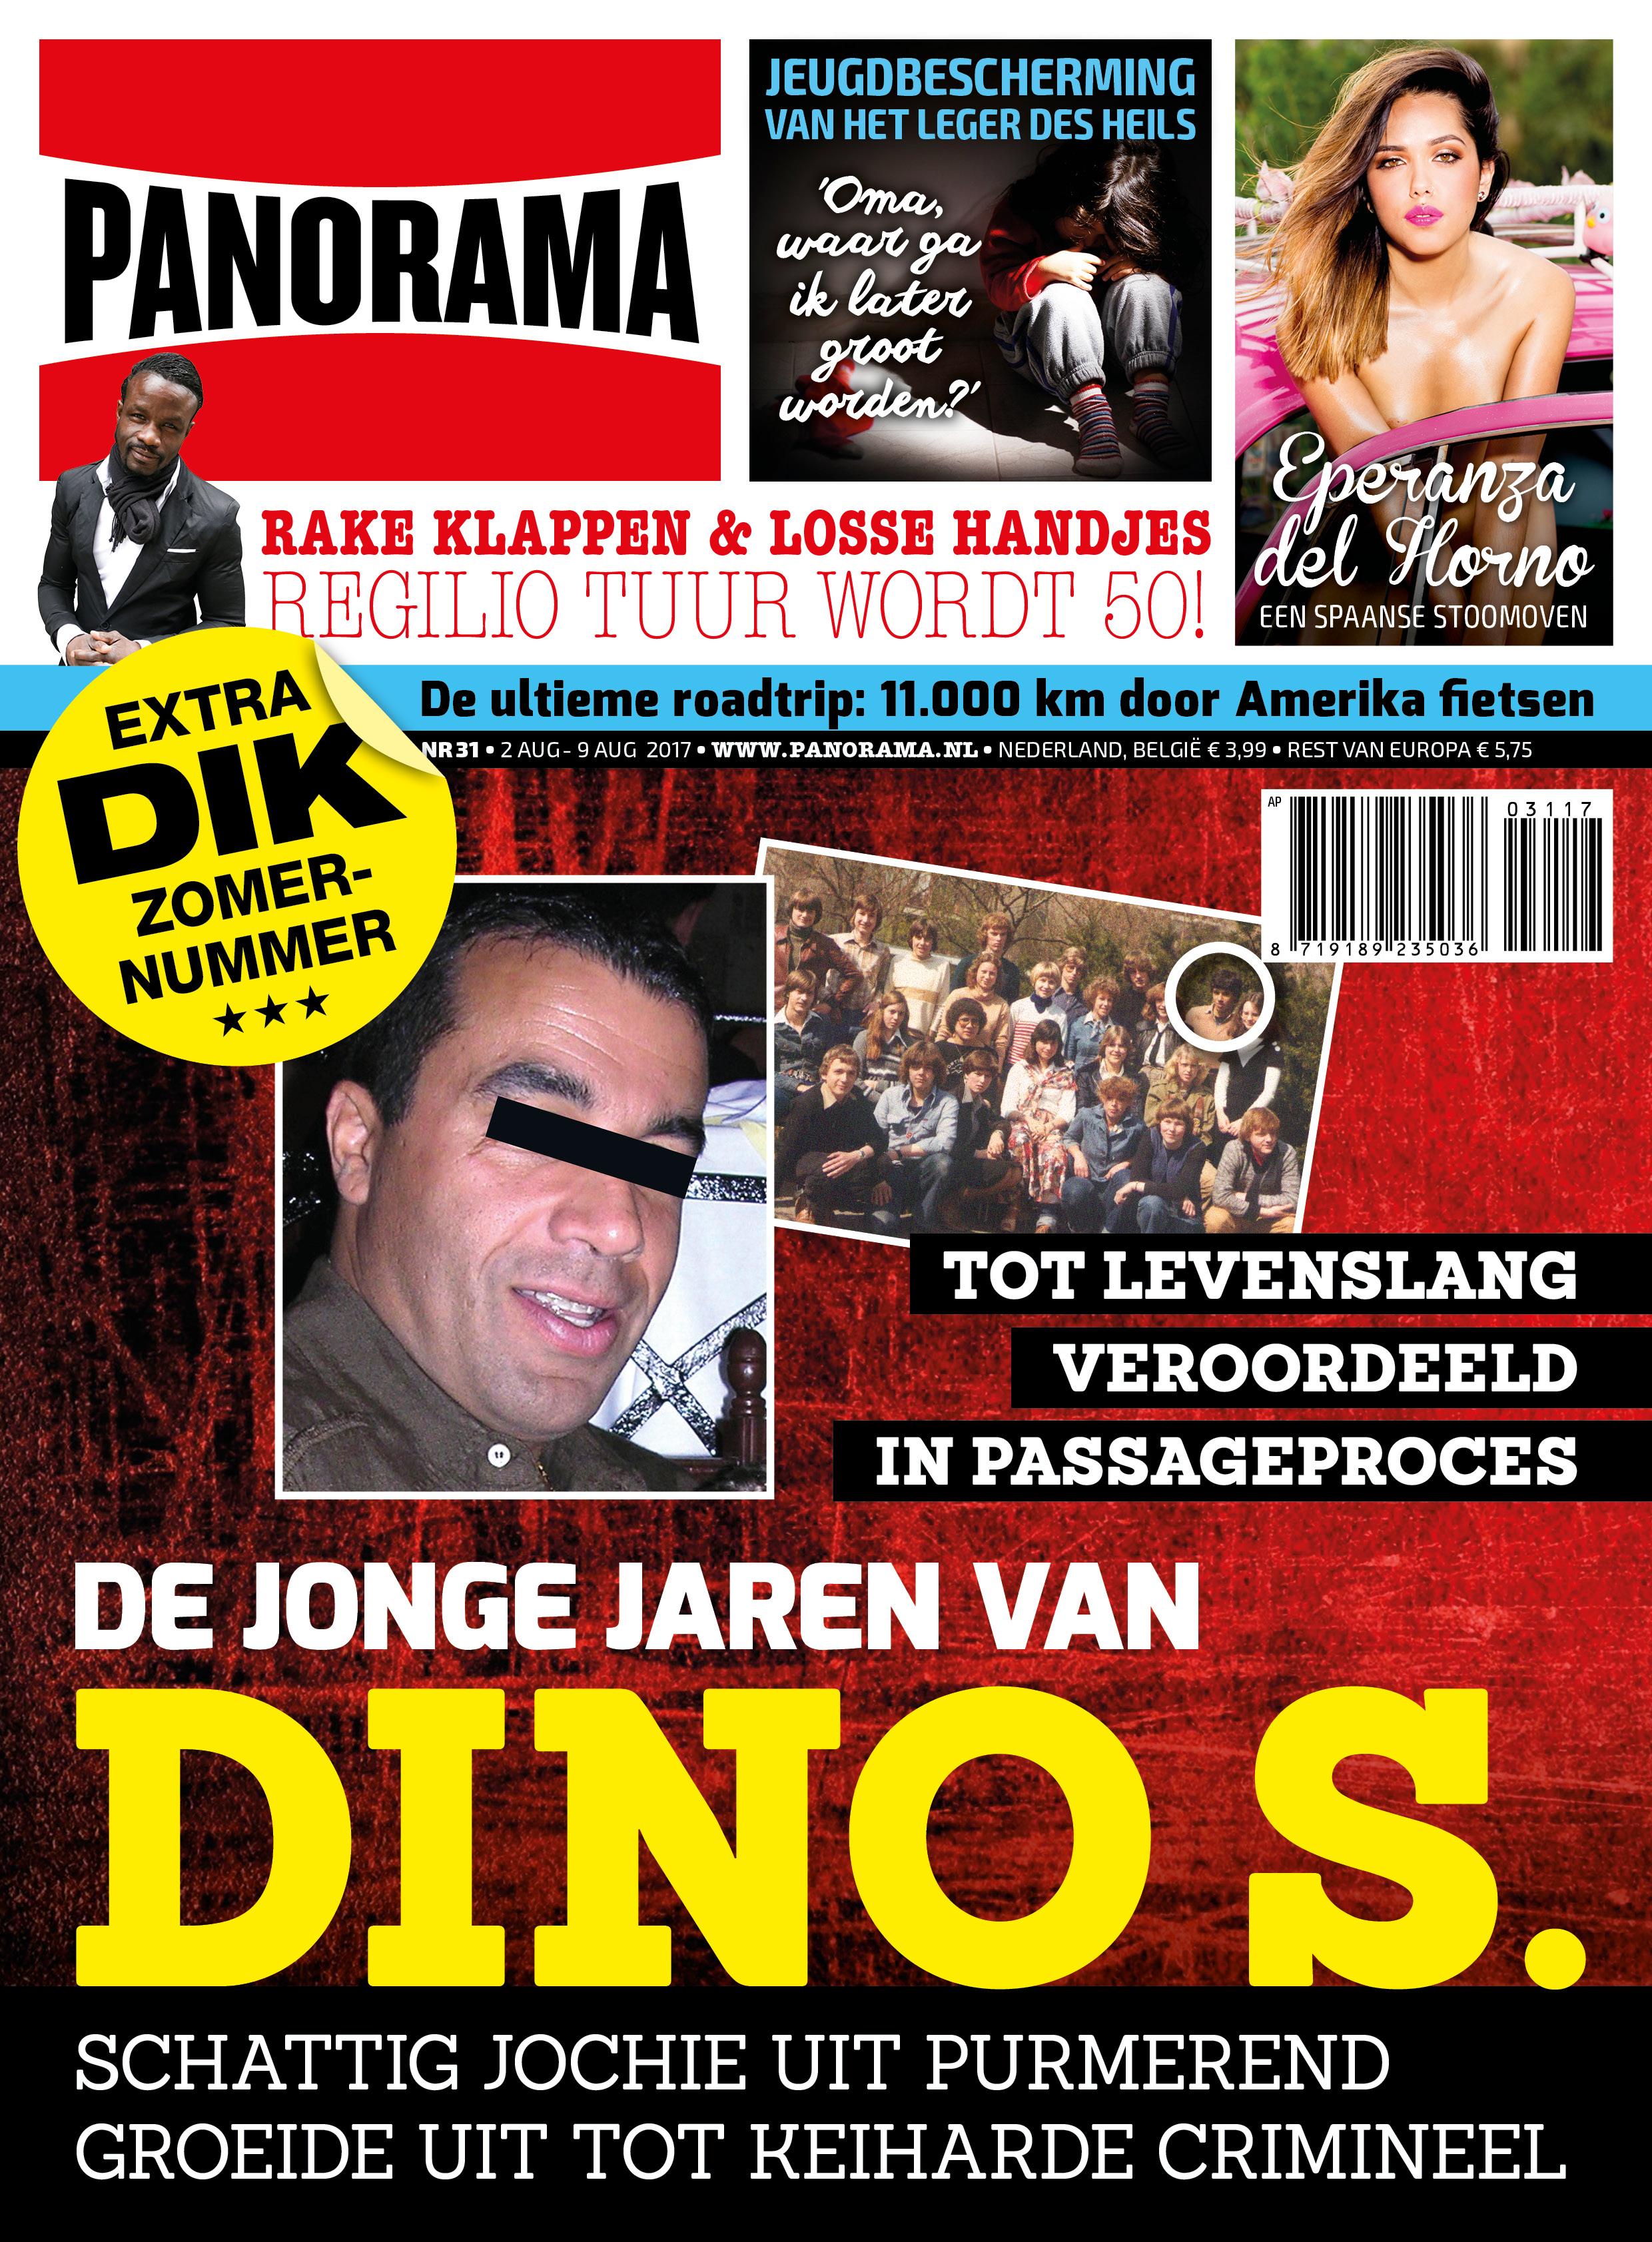 Afbeeldingsresultaat voor panorama magazine cover